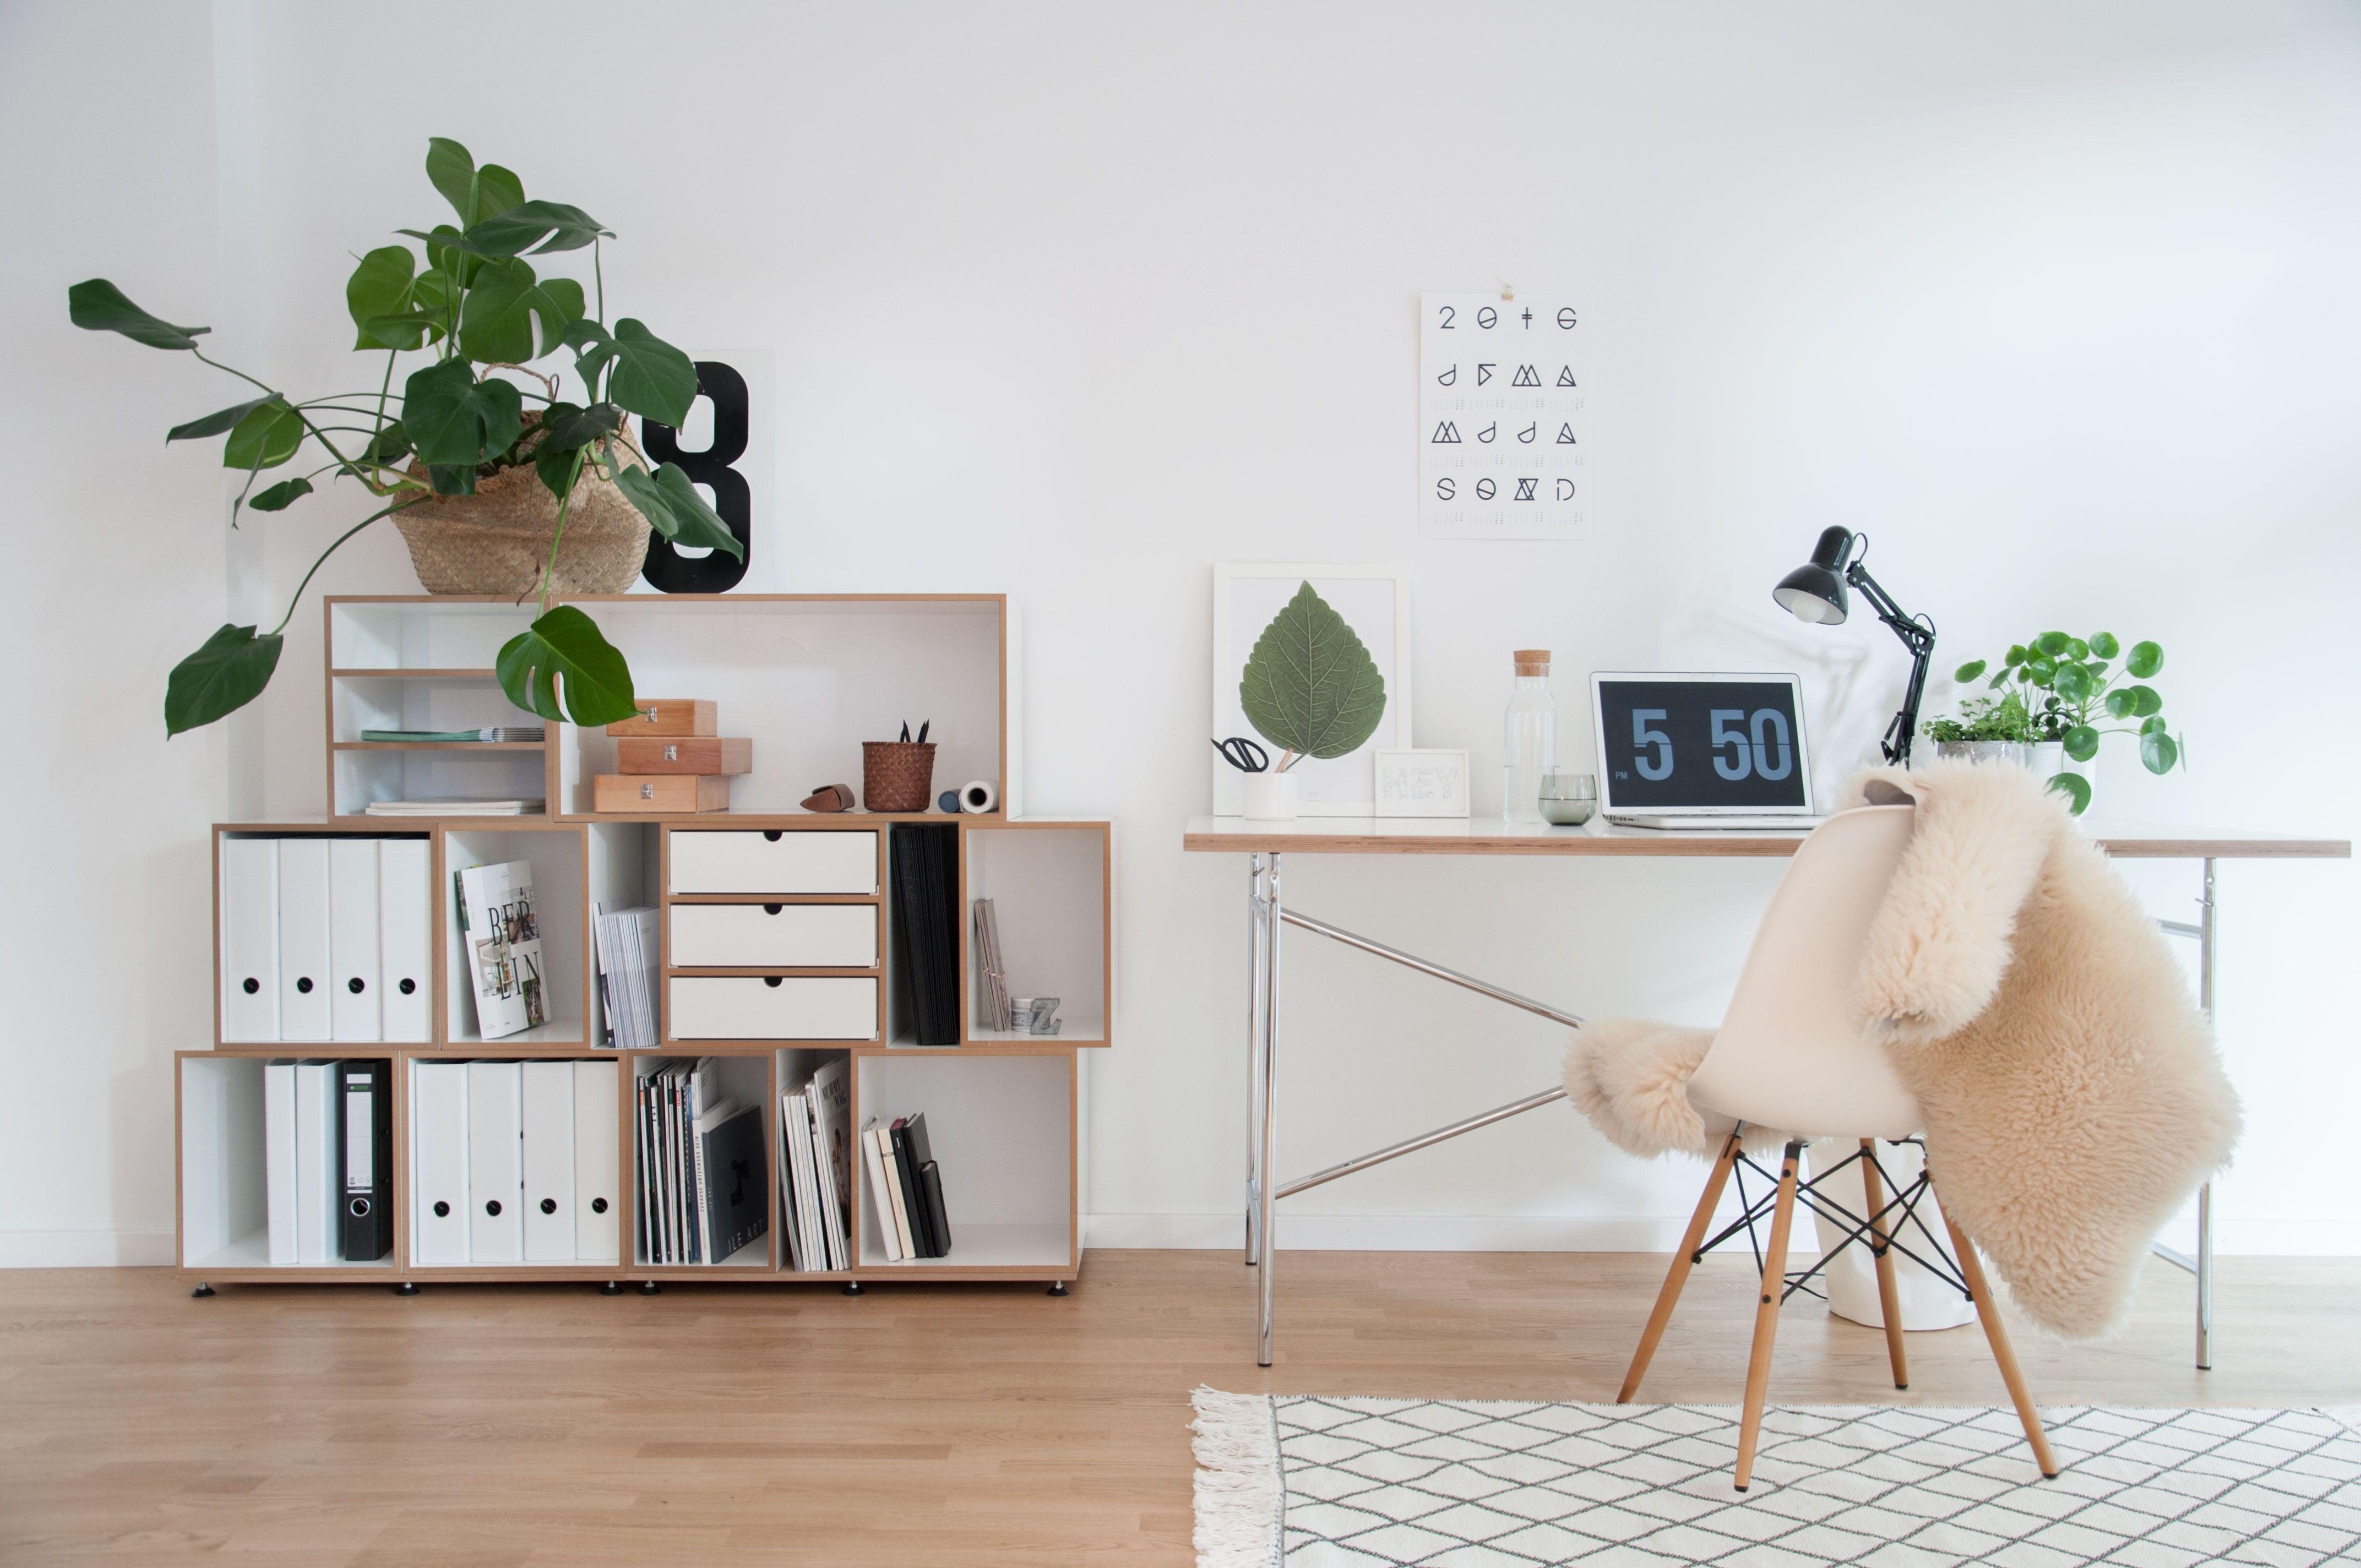 Büro Im Wohnzimmer Einrichten Das Haus Wohnzimmer Einrichten Wohnzimmer Umgestalten Büro Eingerichtet